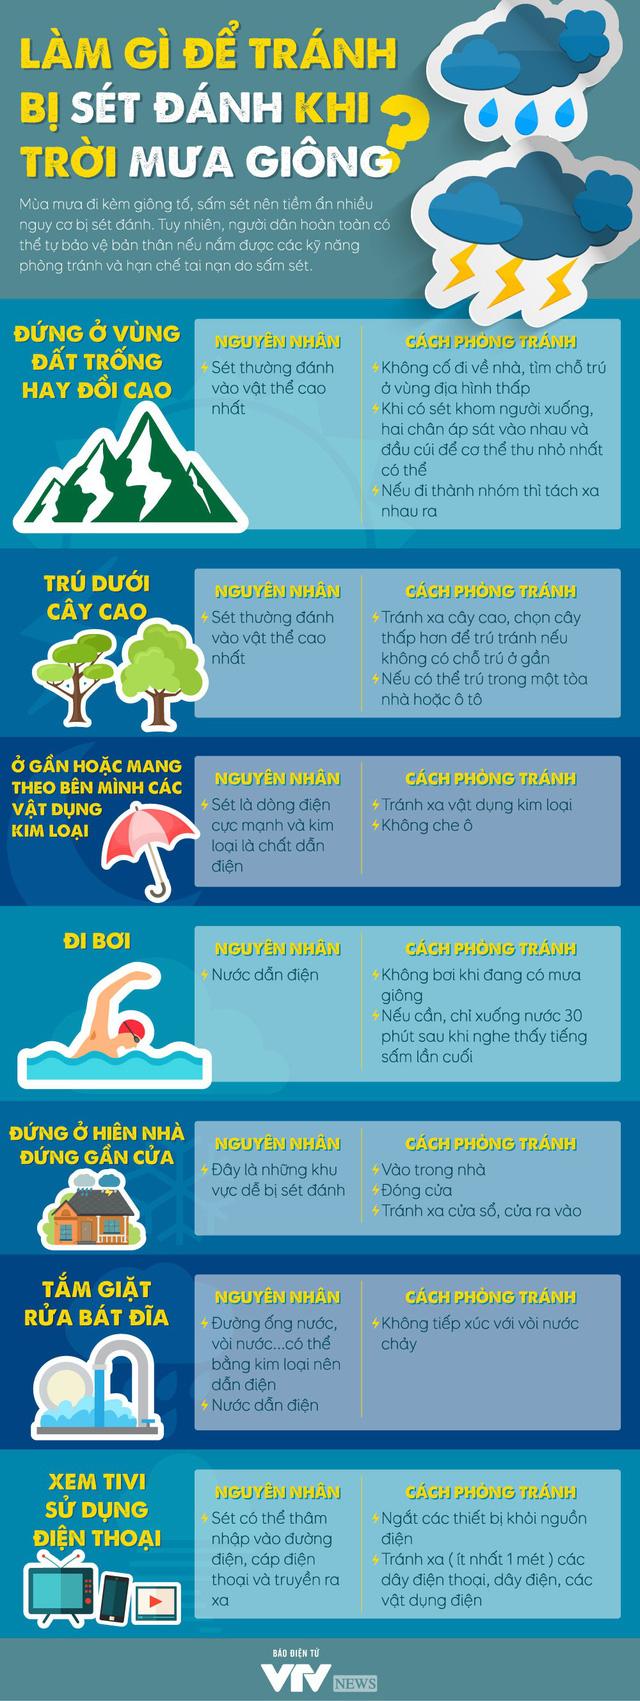 [INFOGRAPHIC] Làm gì để tránh bị sét đánh khi trời mưa giông? - Ảnh 1.